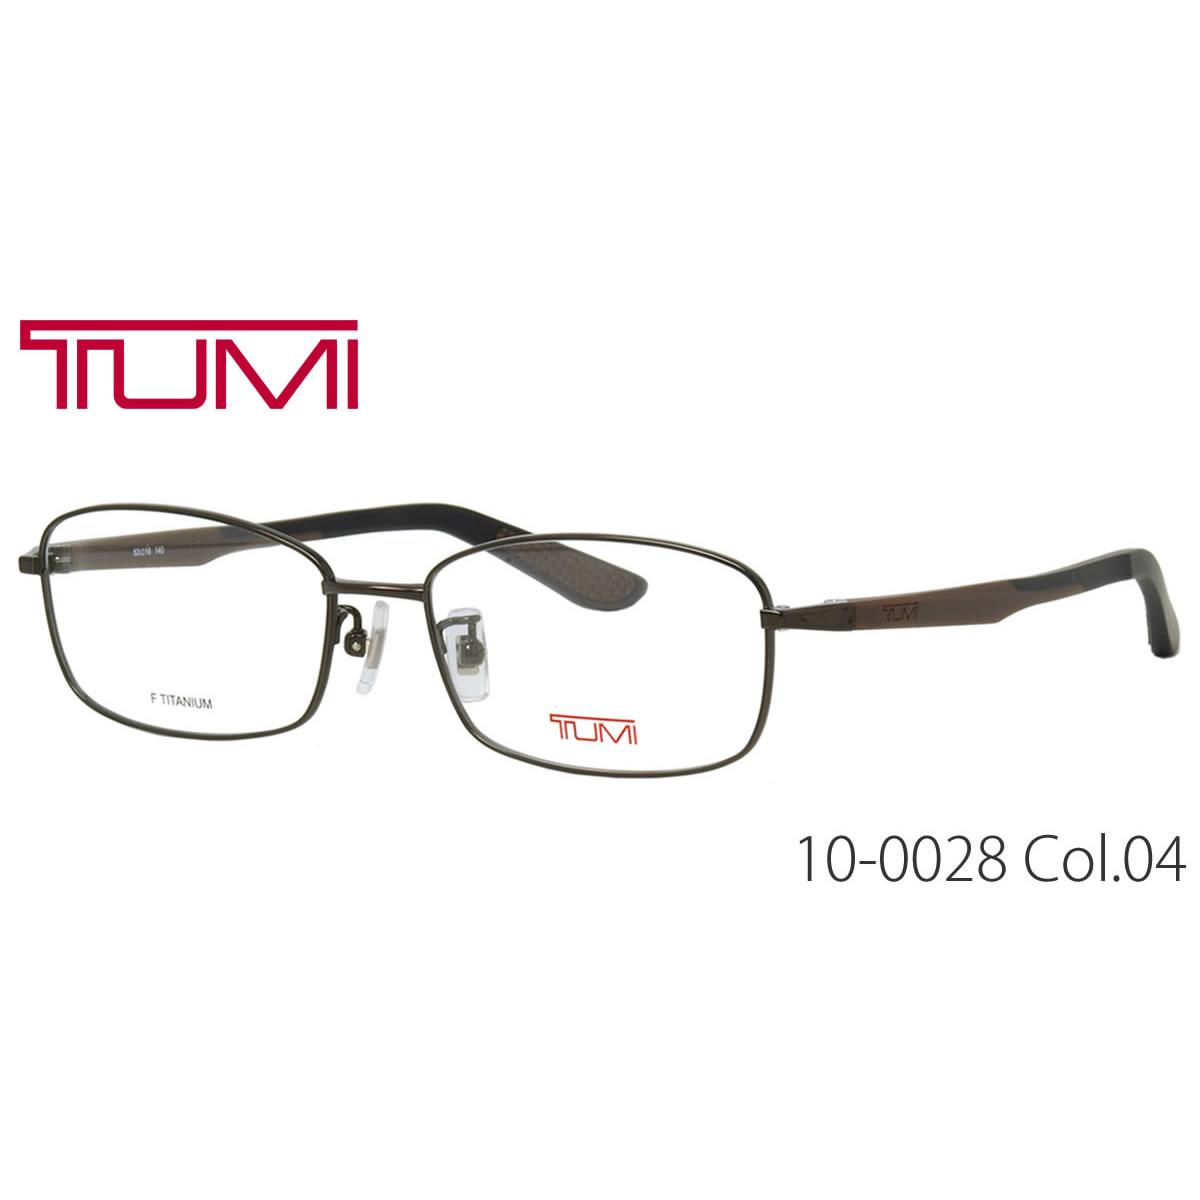 ポイント最大42倍!!お得なクーポンも !! トゥミ メガネ 10-0028 04 53サイズ TUMI ビジネスバッグで人気のブランド メンズ